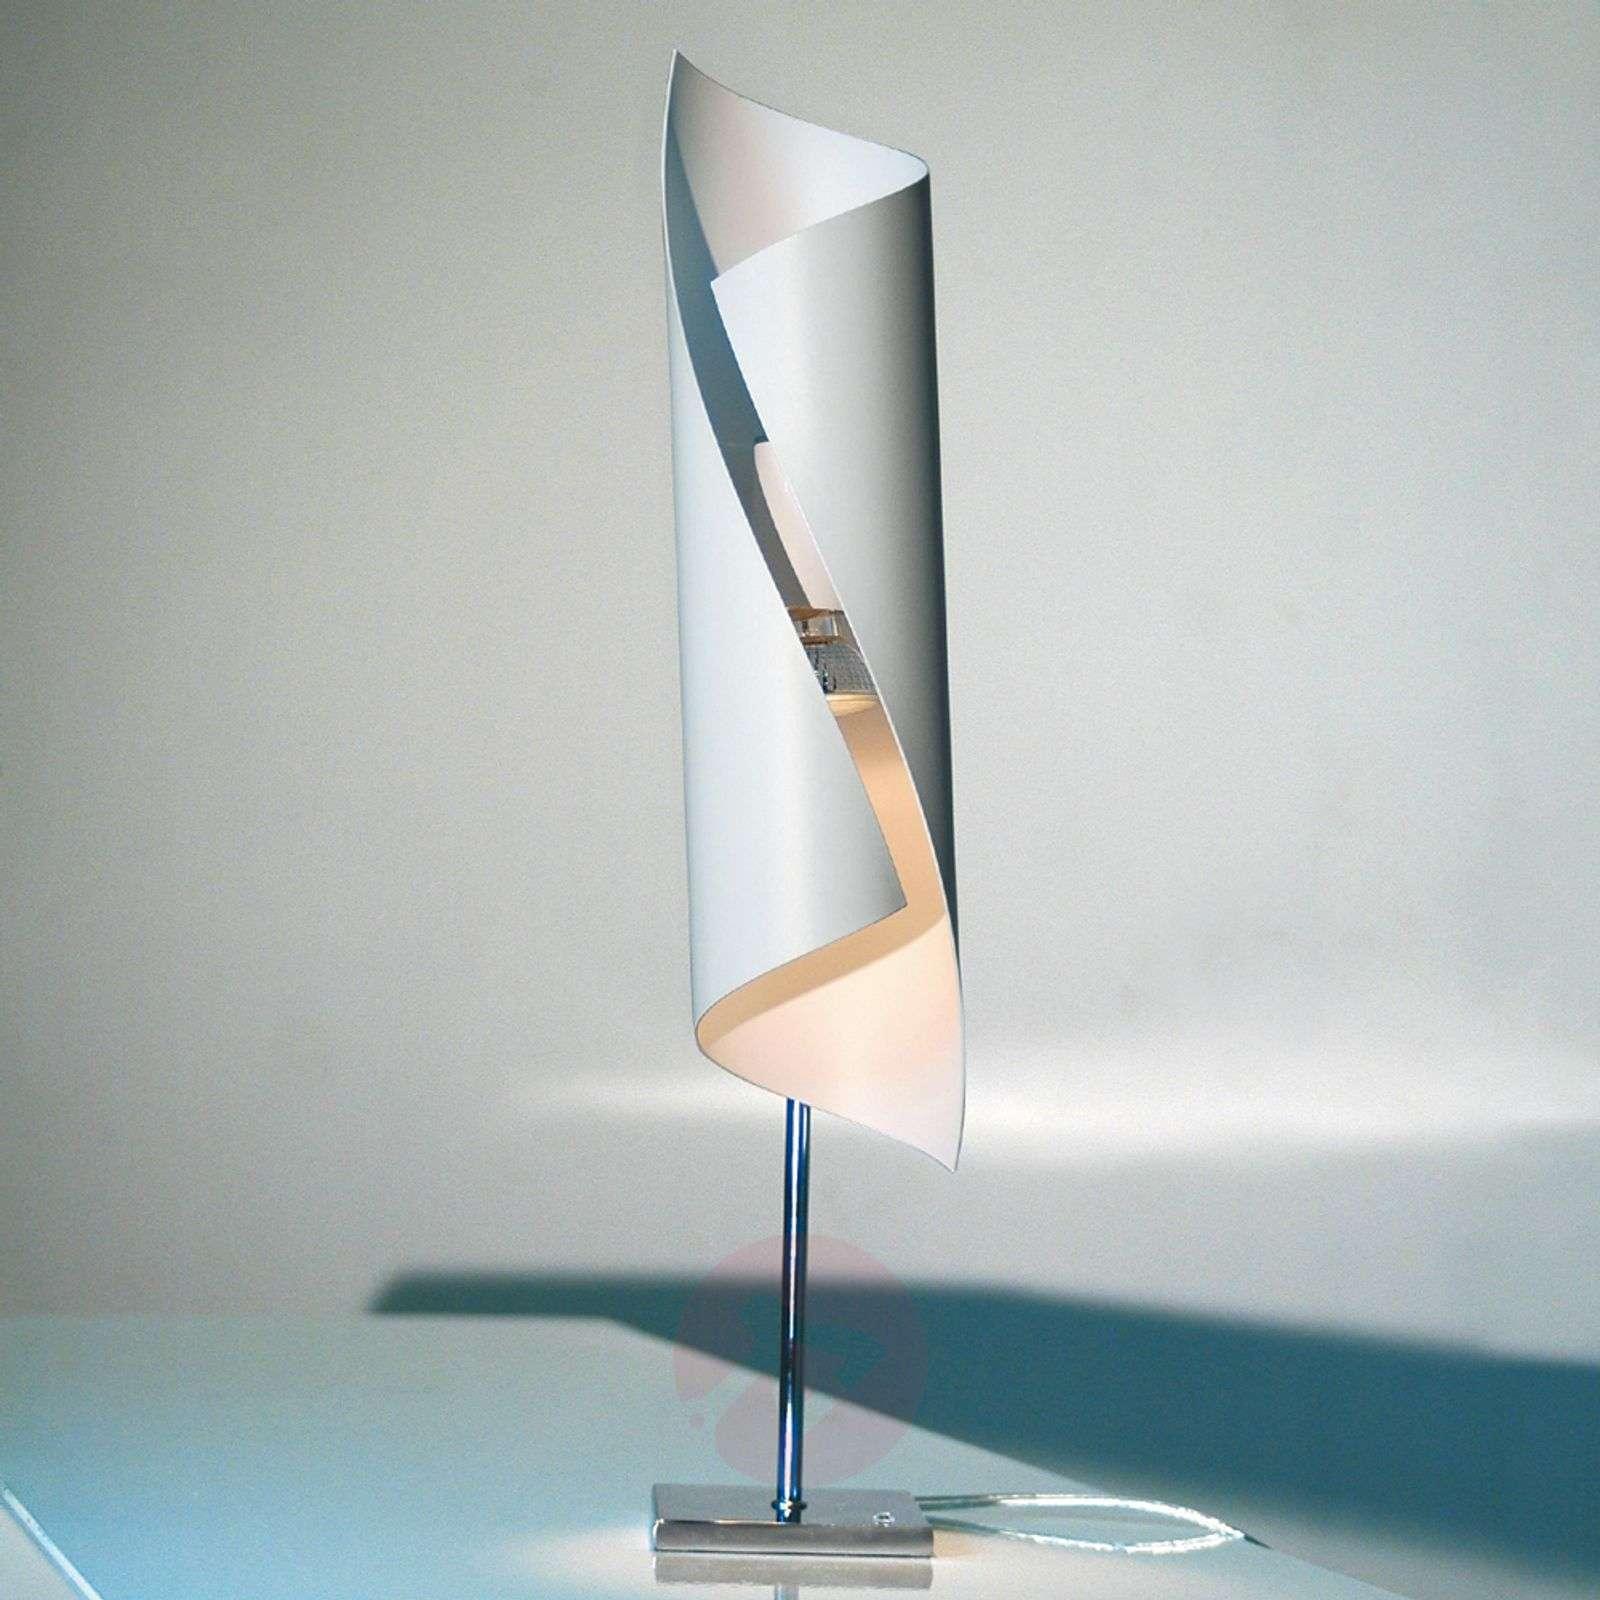 Hué-design-pöytävalaisin valkoisena, 50 cm korkea-5538035-01